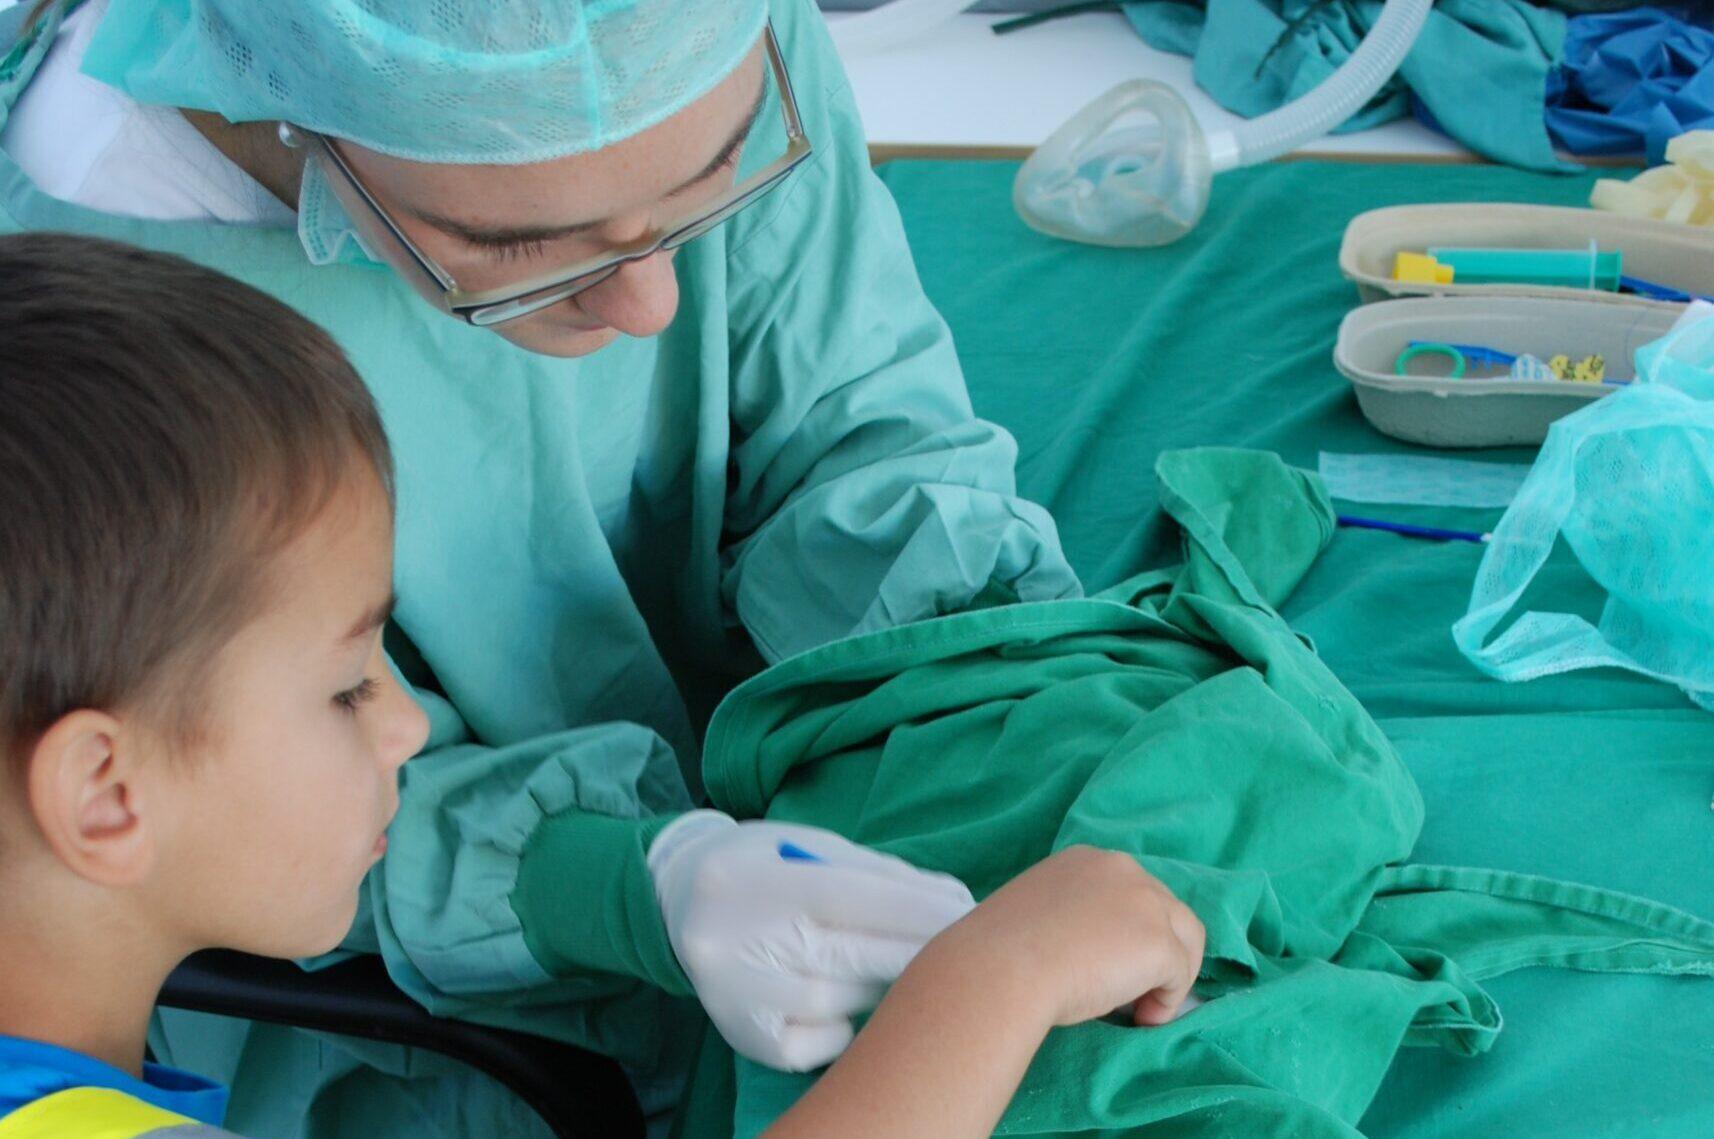 Für schwerere Verletzungen gibt es in der Teddyklinik sogar ein OP-Zelt. Dort operieren wir deinen Teddy mit deiner tatkräftigen Unterstützung.